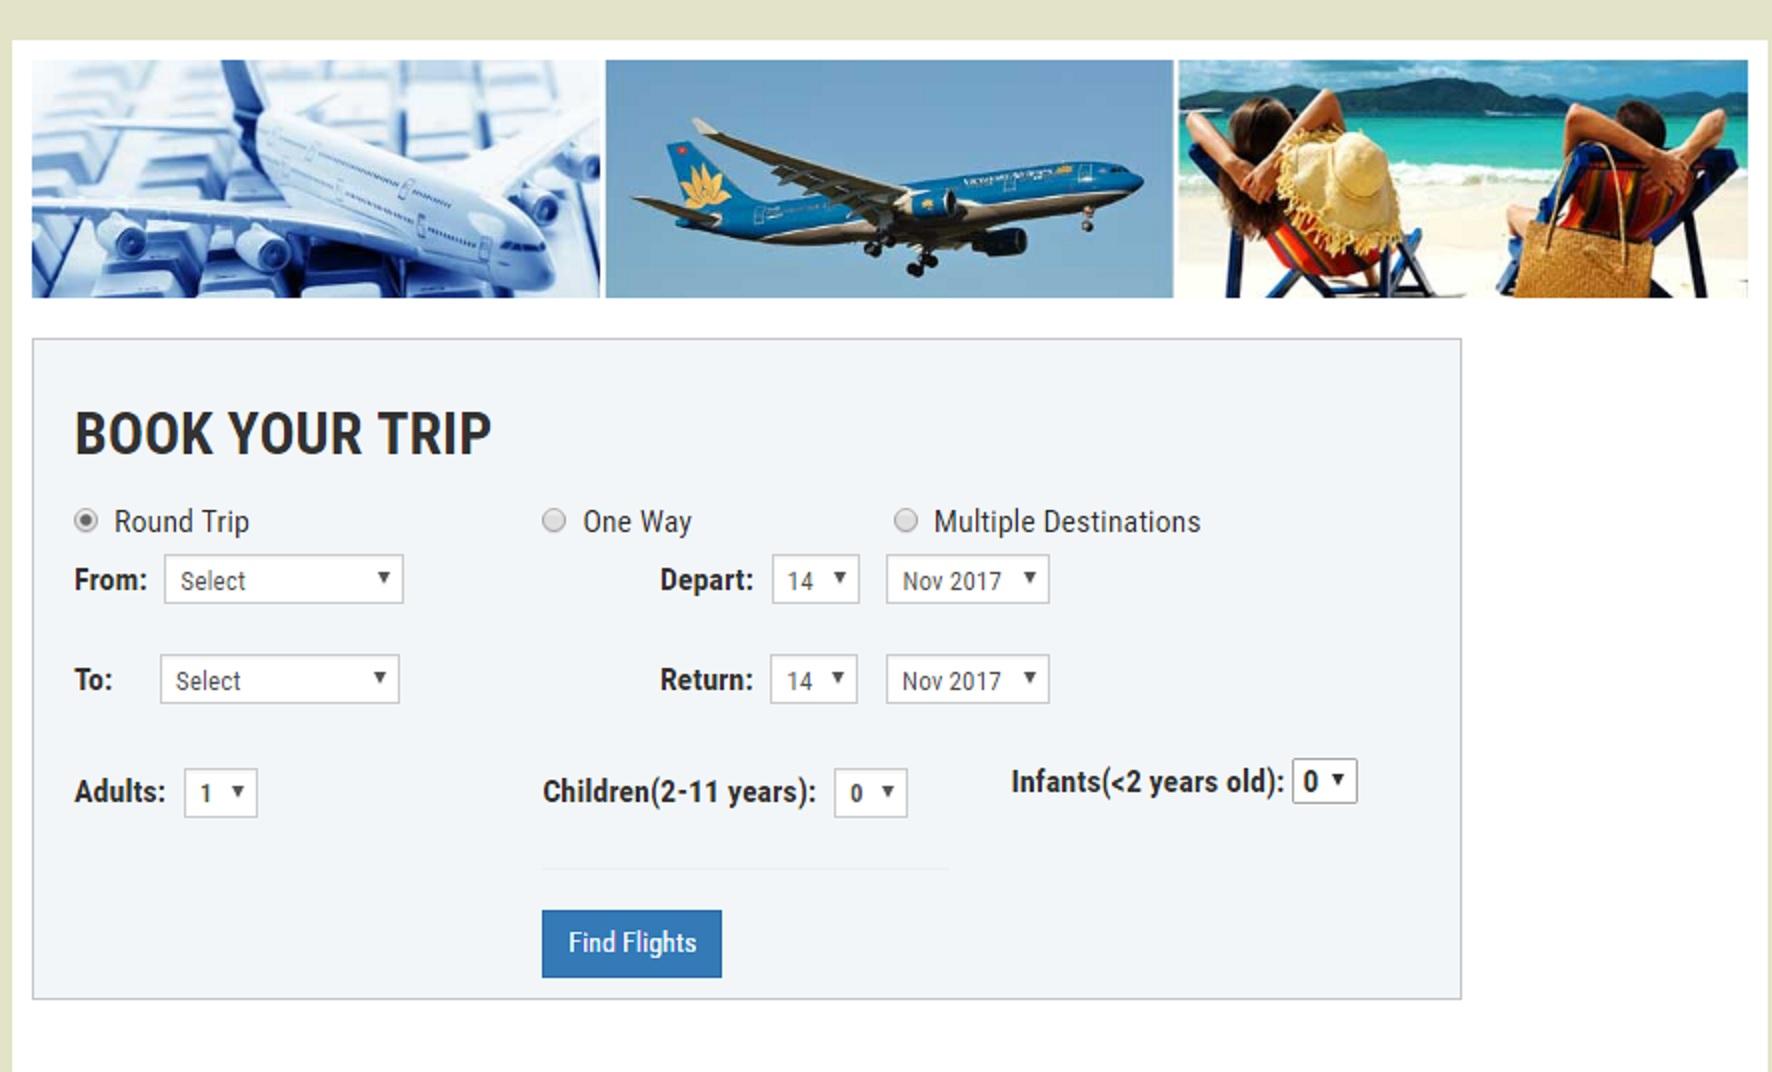 Tiêu dùng & Dư luận - Hàng loạt website giả mạo bán vé tàu, máy bay với giá 'cắt cổ' (Hình 2).